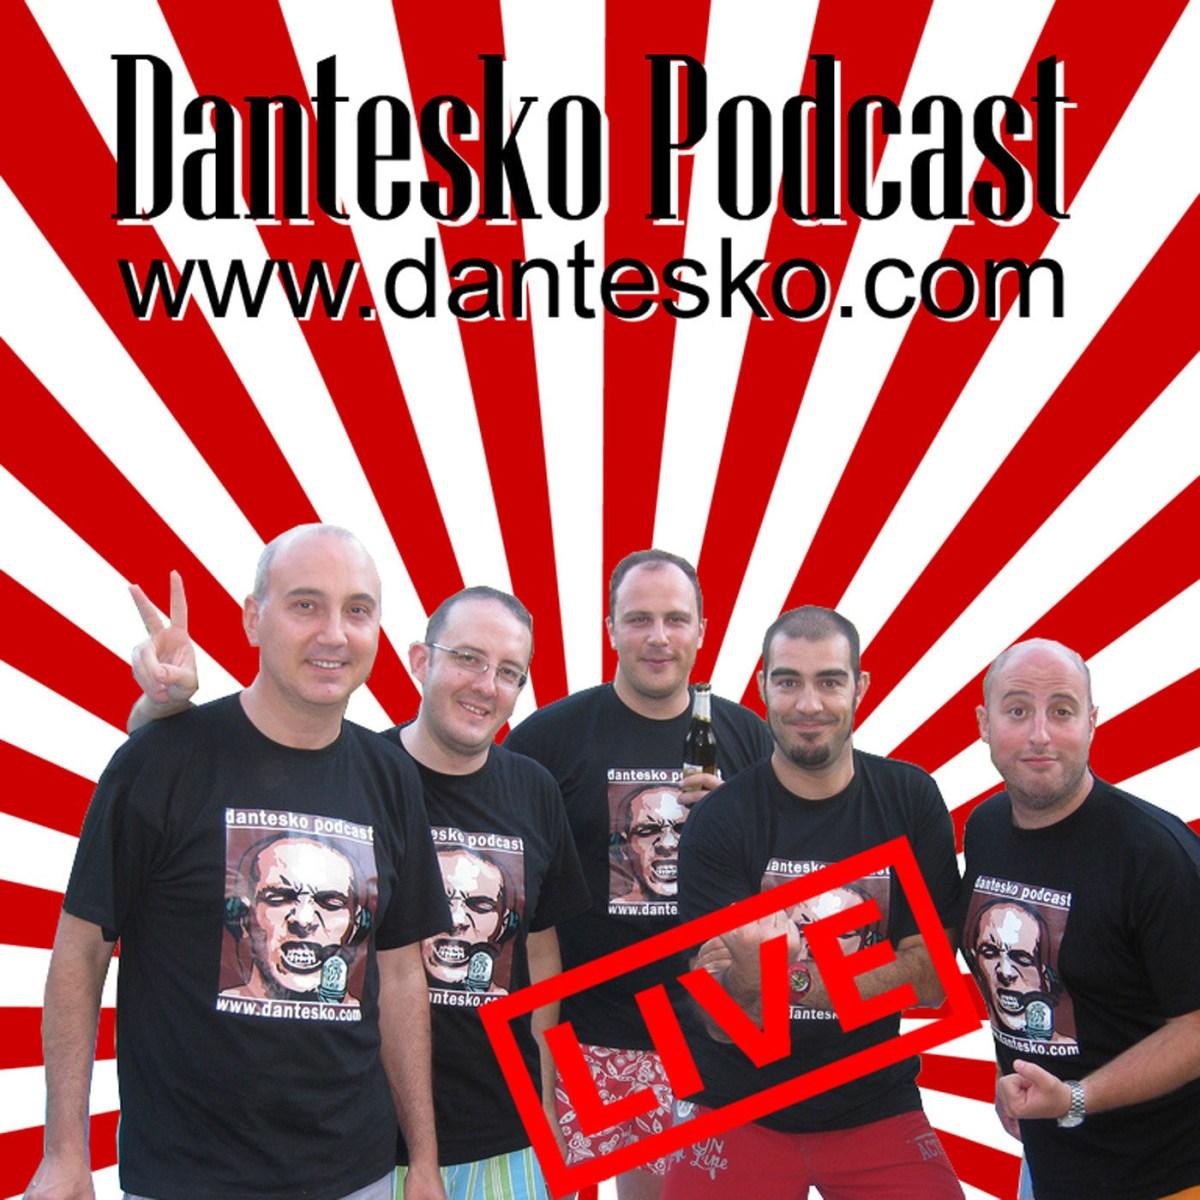 Dantesko Podcast